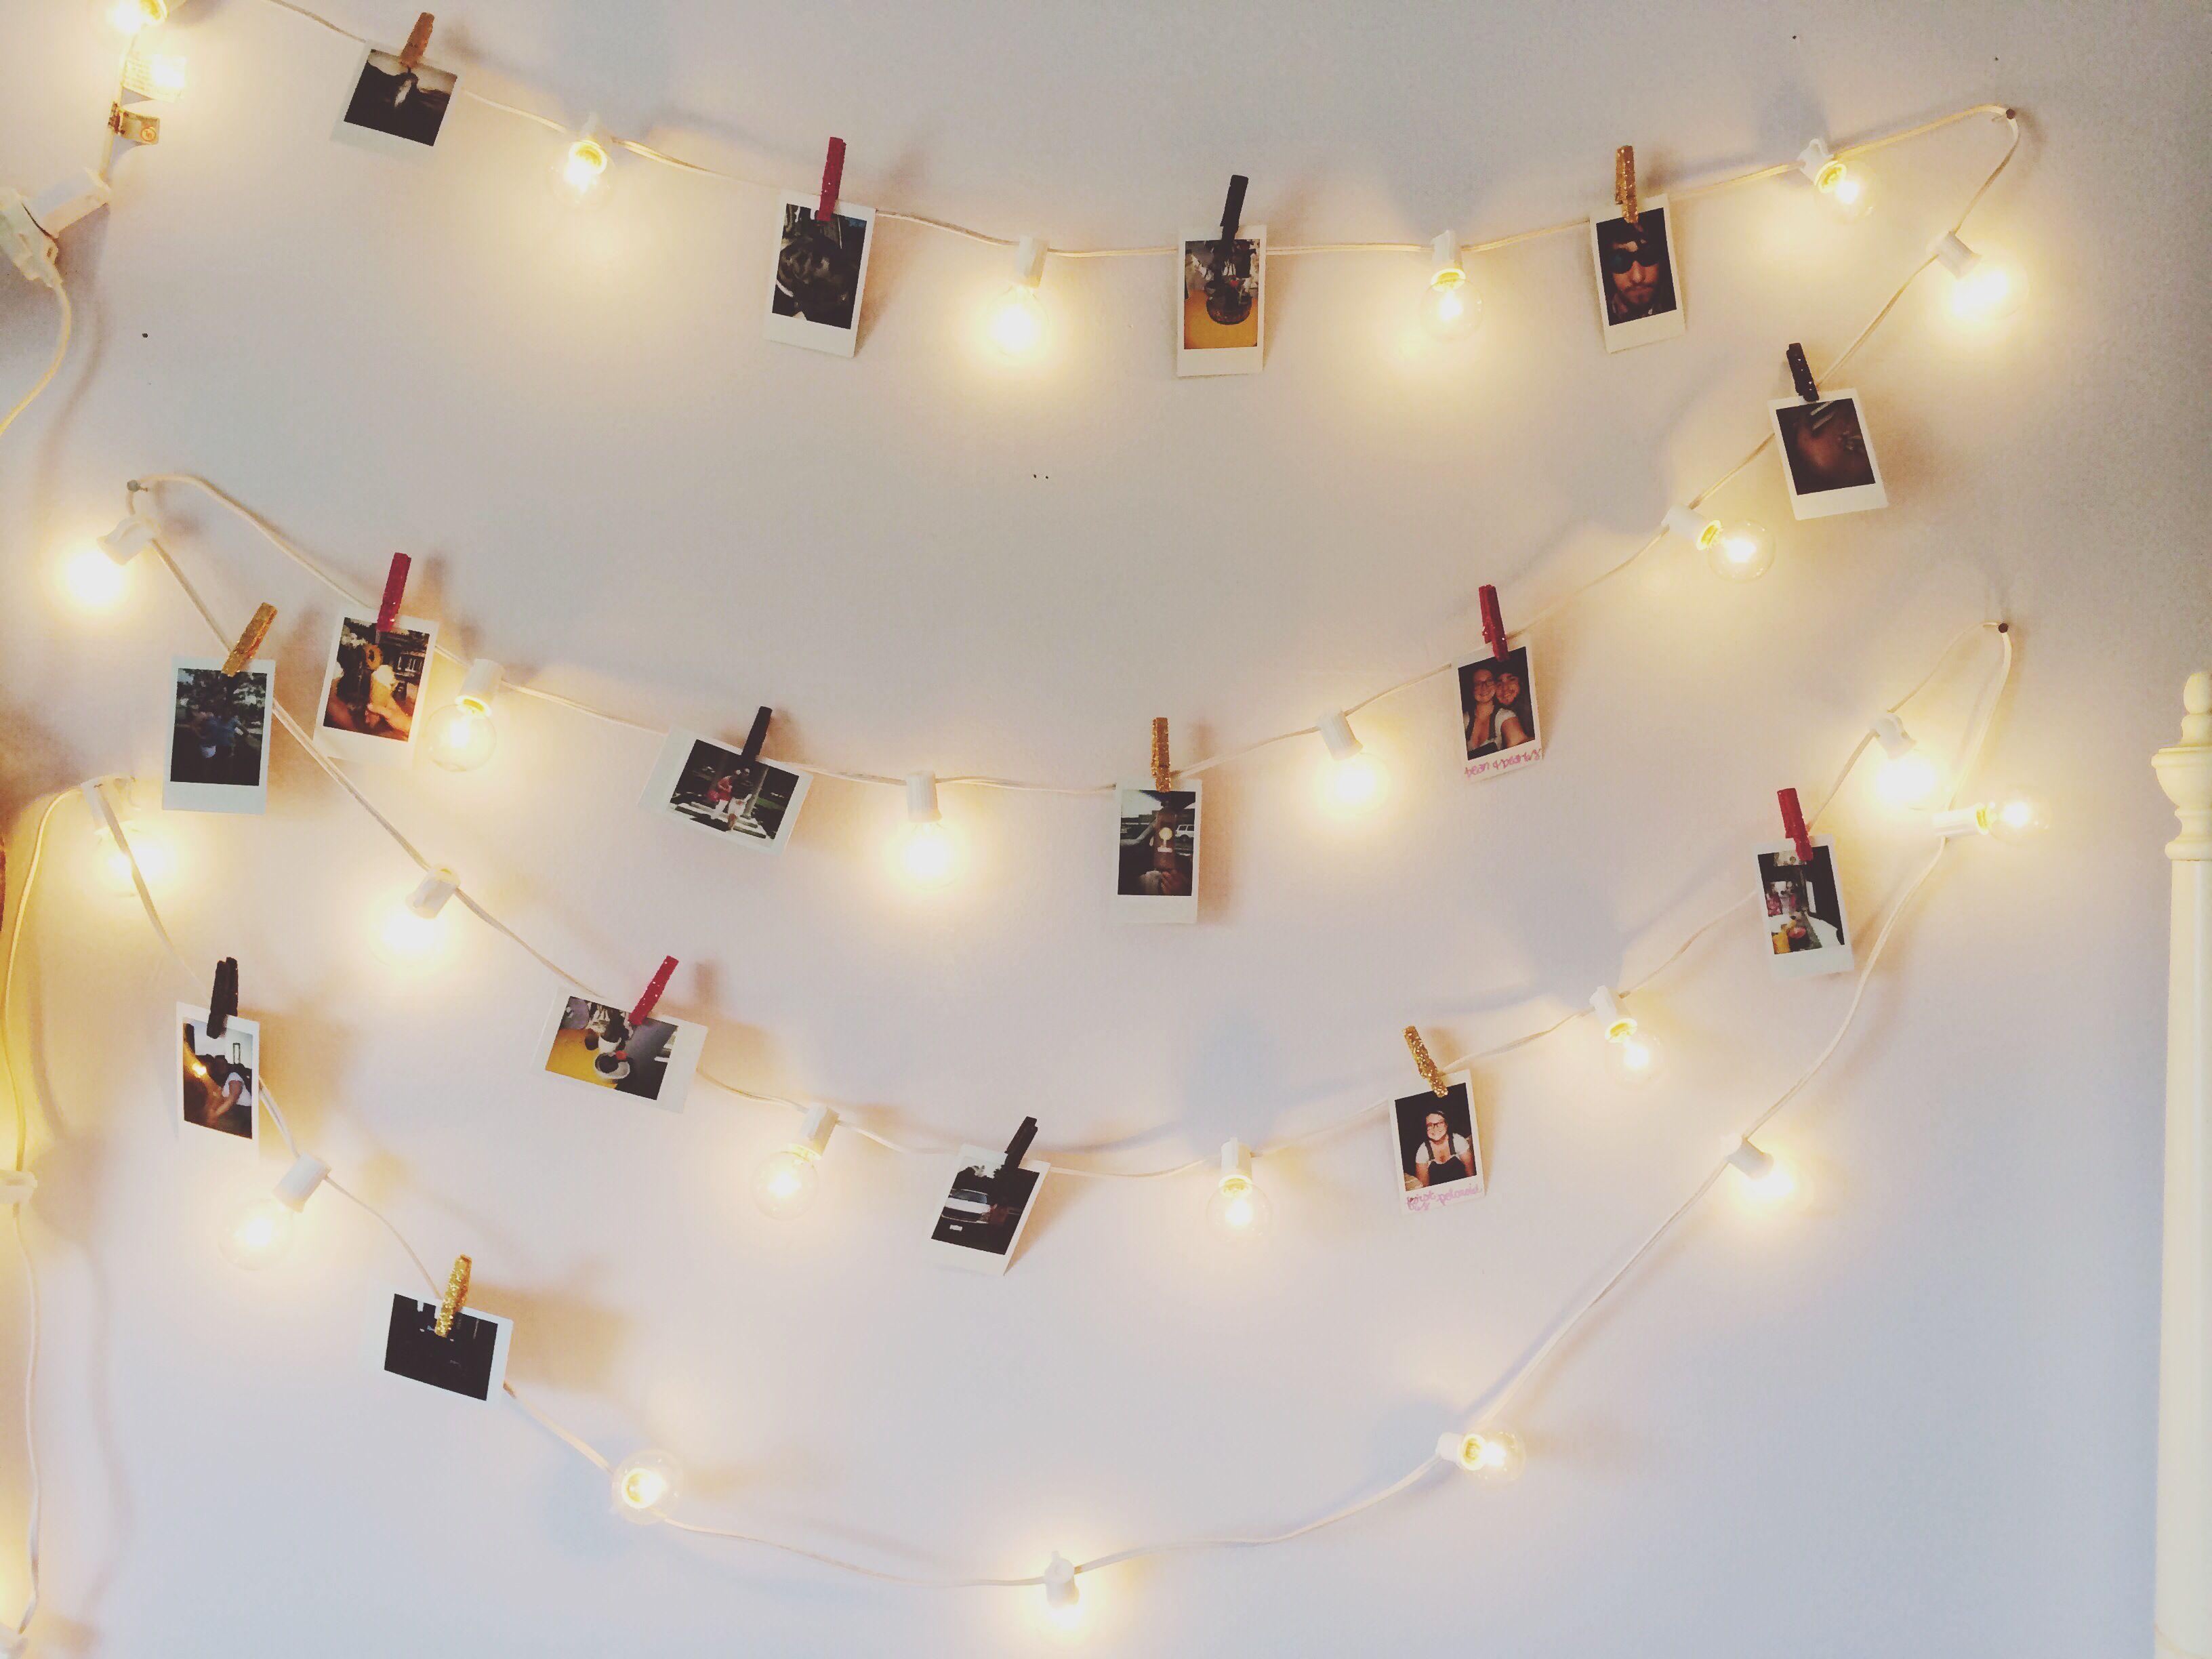 Polaroid Pictures With Lights With Mini Clothespins Diy Polaroid Stringlights Intax Ideias Quartos Ideias Para Quarto